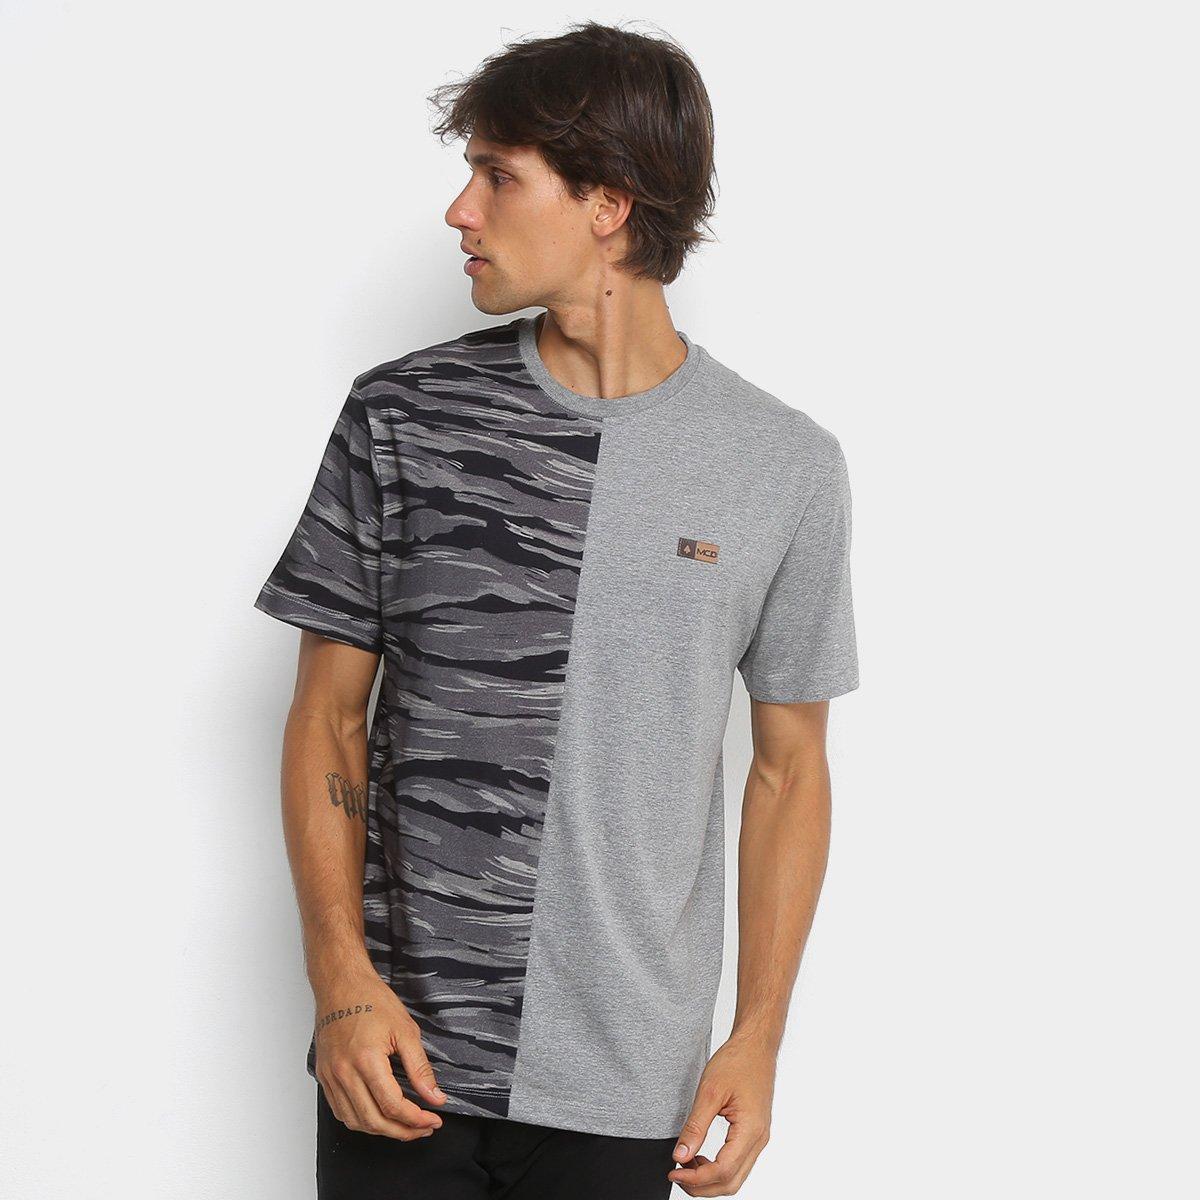 Camiseta MCD Especial Duo Camouflage Masculina - Cinza e Preto ... 9e3acf9ed12